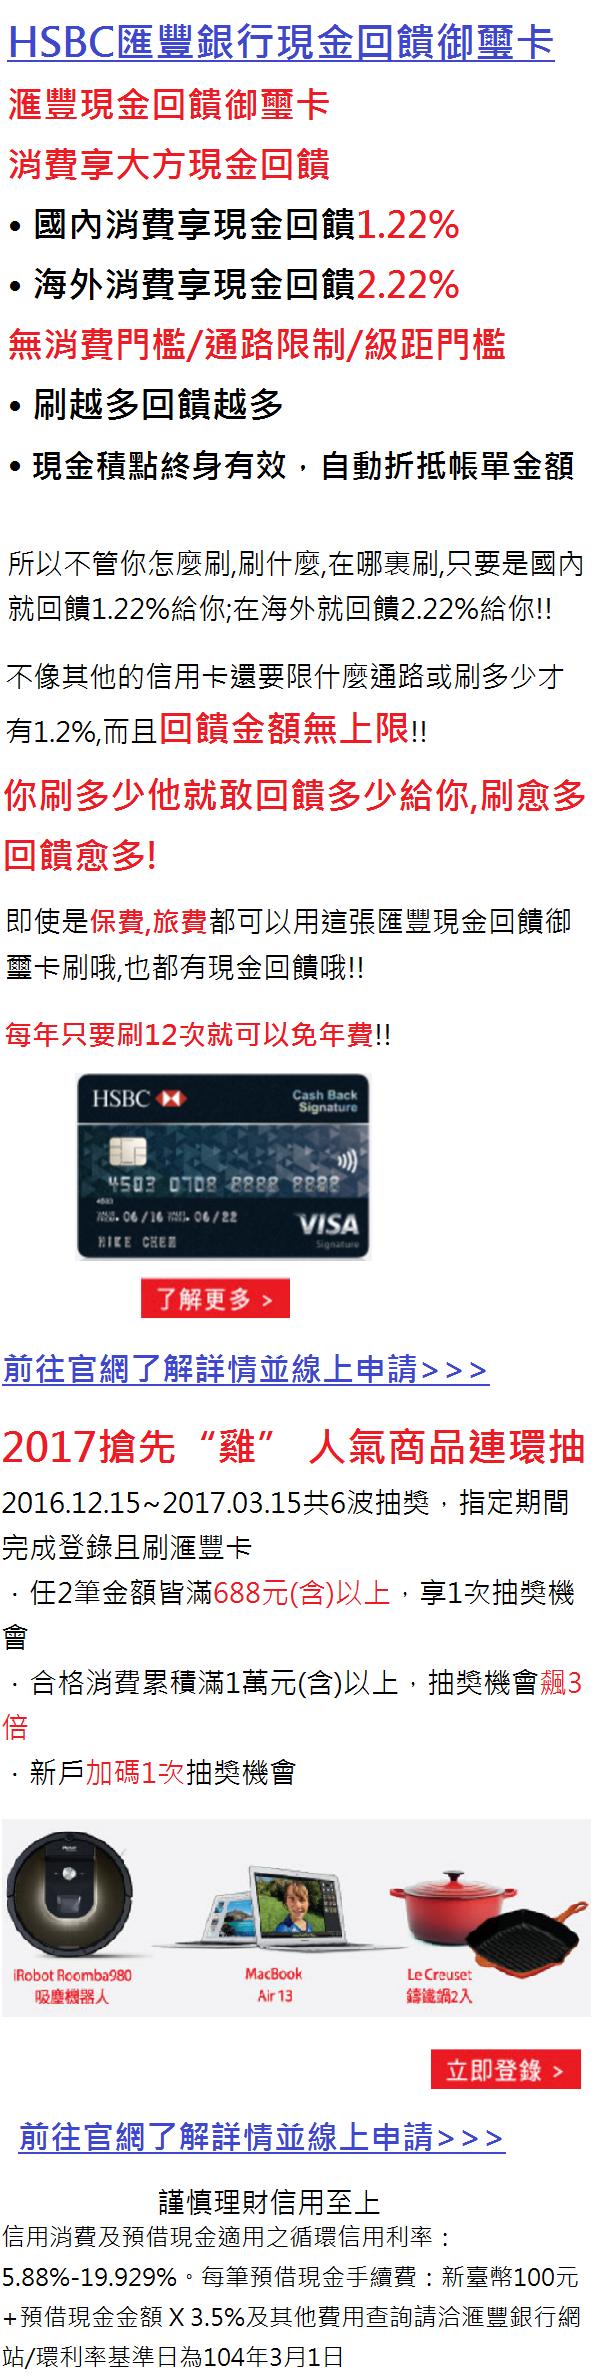 匯豐現金回饋卡20170331.png